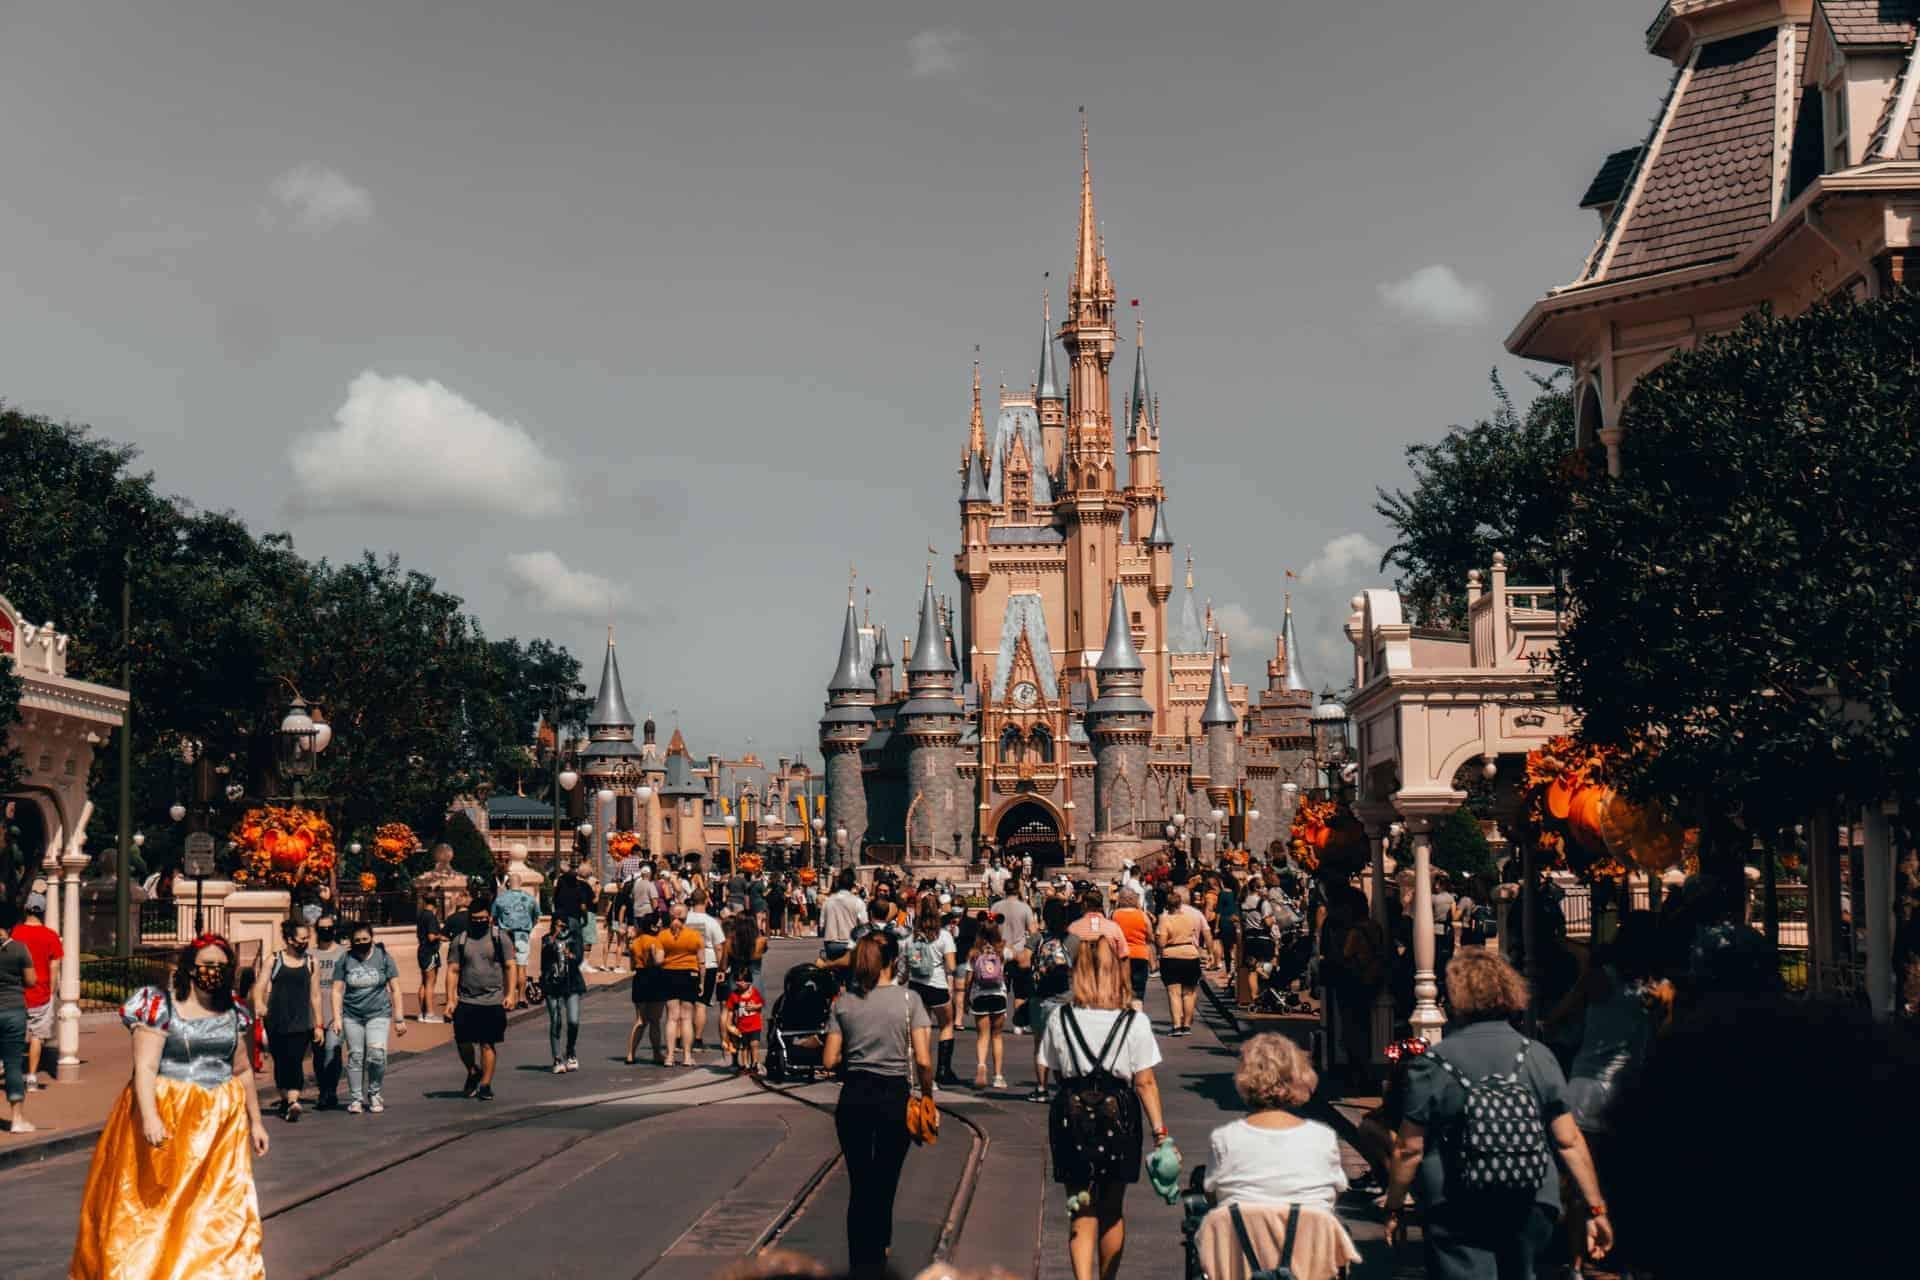 Disney World presentó el servicio Disney MagicMobile para poder acceder a los parques temáticos utilizando un teléfono inteligente